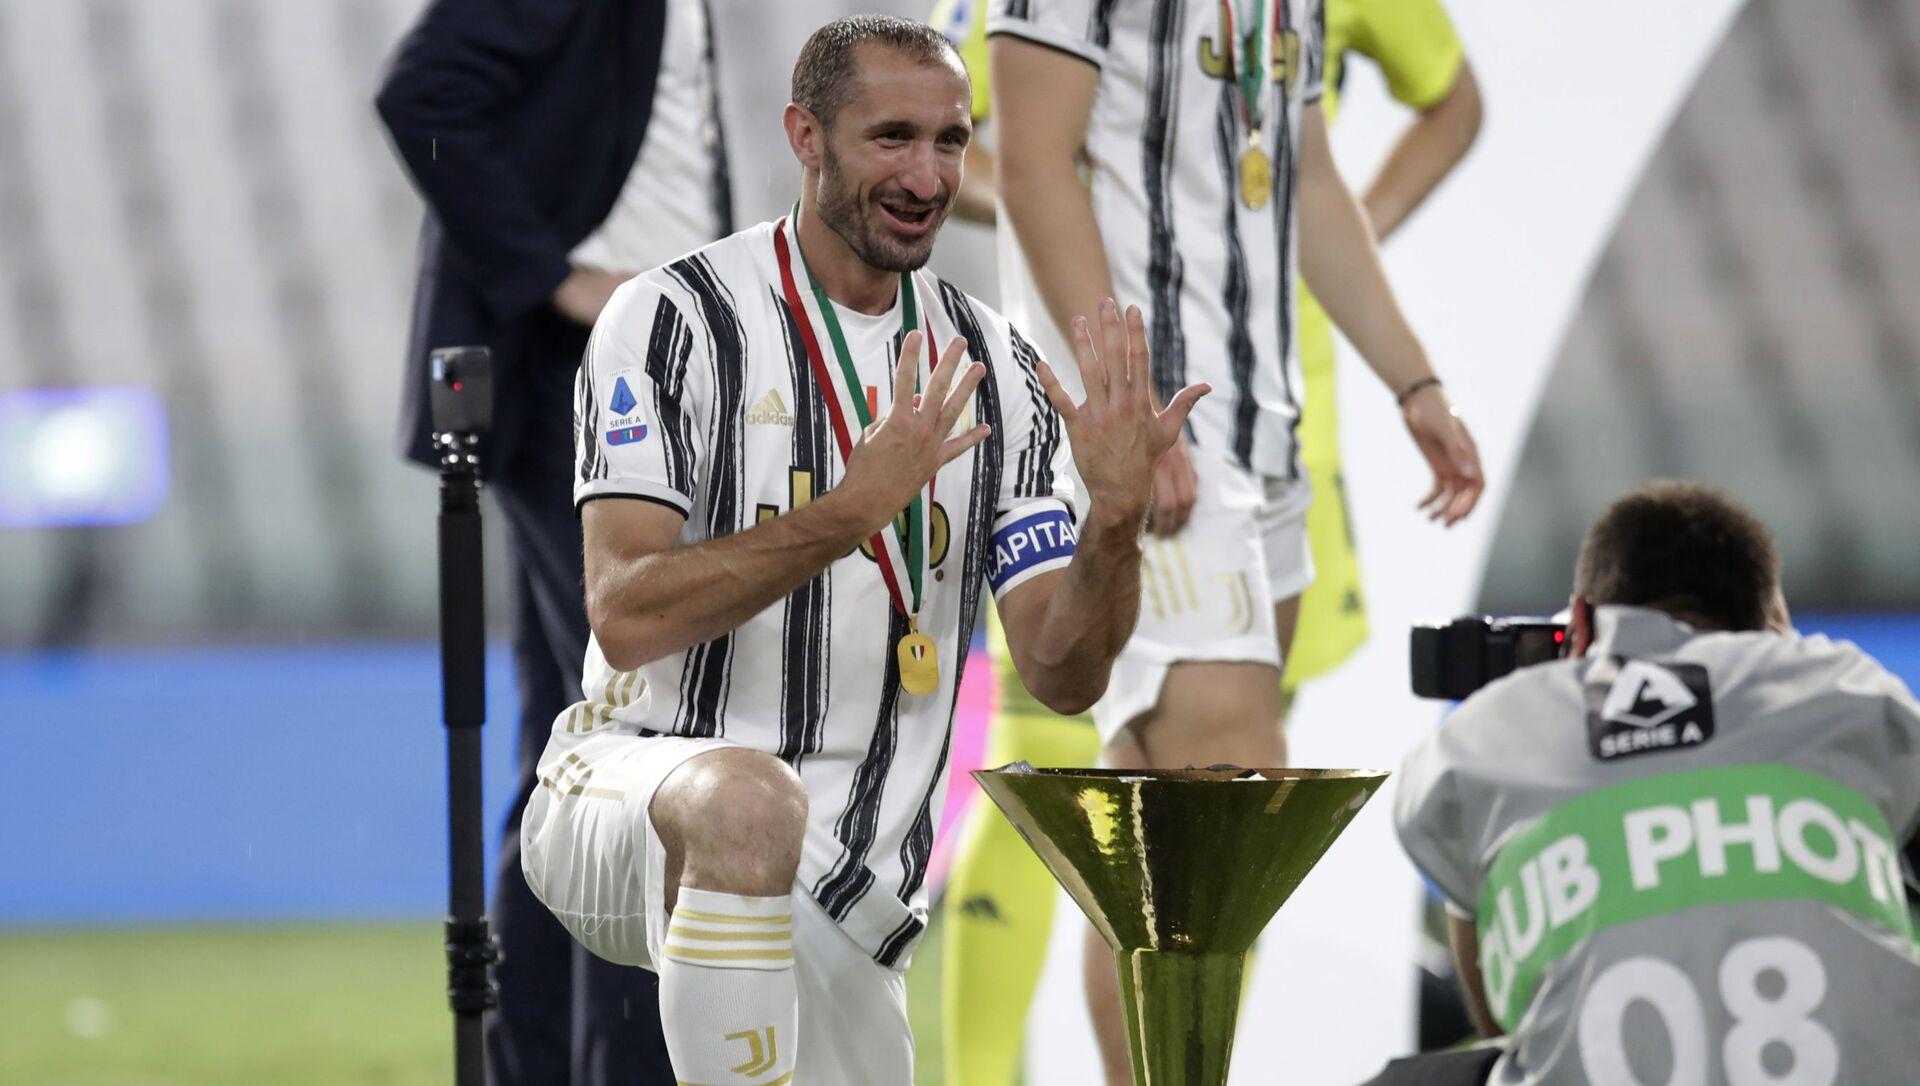 Juventus, kaptan Chiellini'nin sözleşmesini uzattı - Sputnik Türkiye, 1920, 02.08.2021